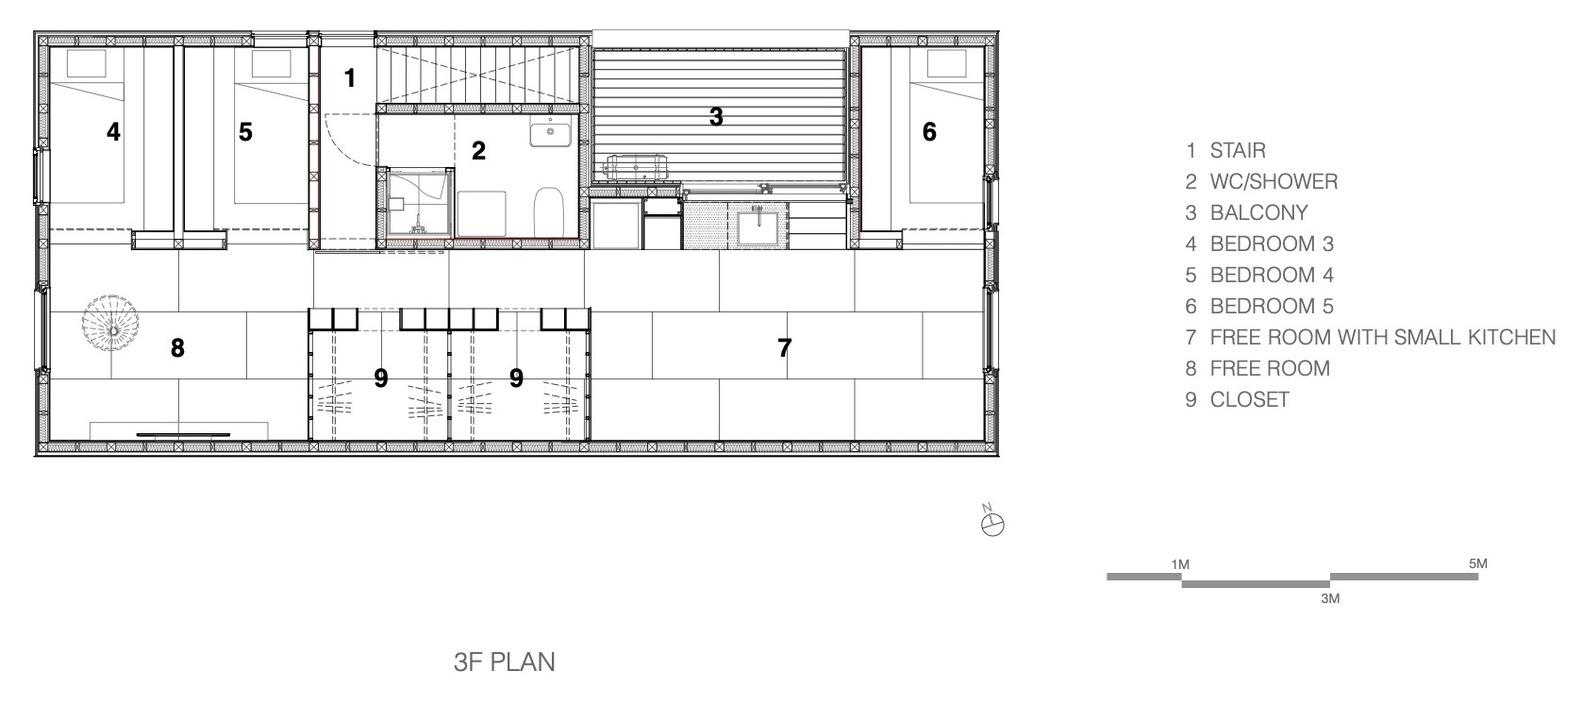 Tenhachi Architect & Interior